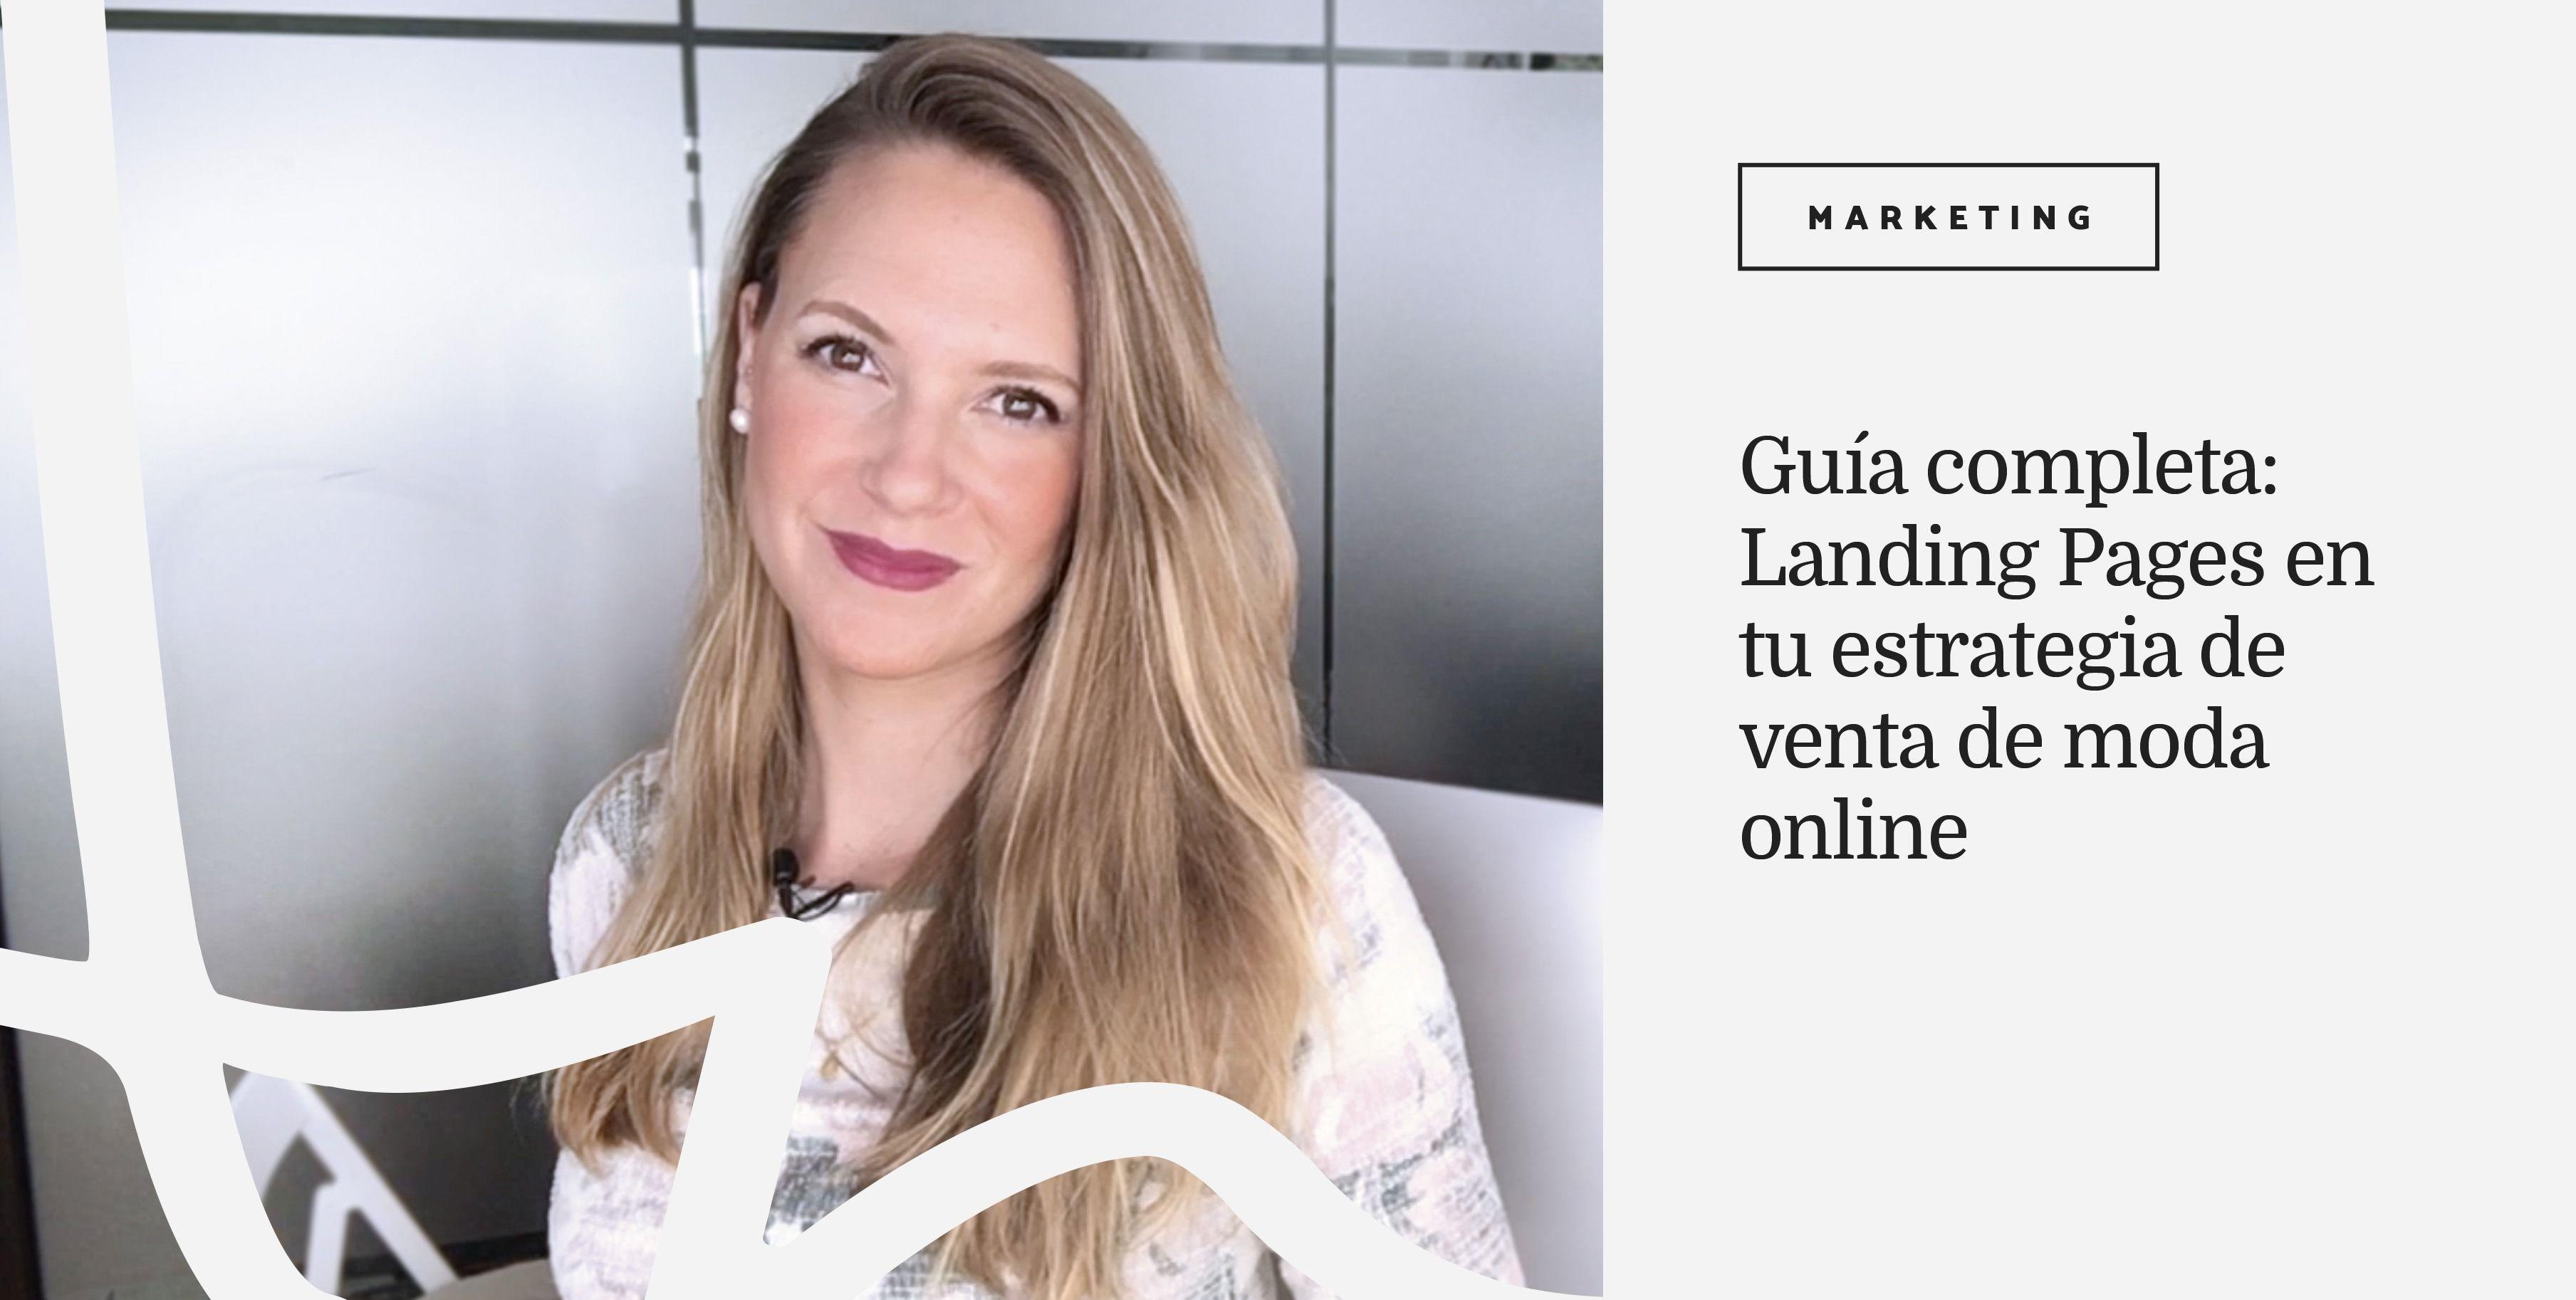 Landing-Pages-en-Moda-Ana-Diaz-del-Rio-portada-03.jpg